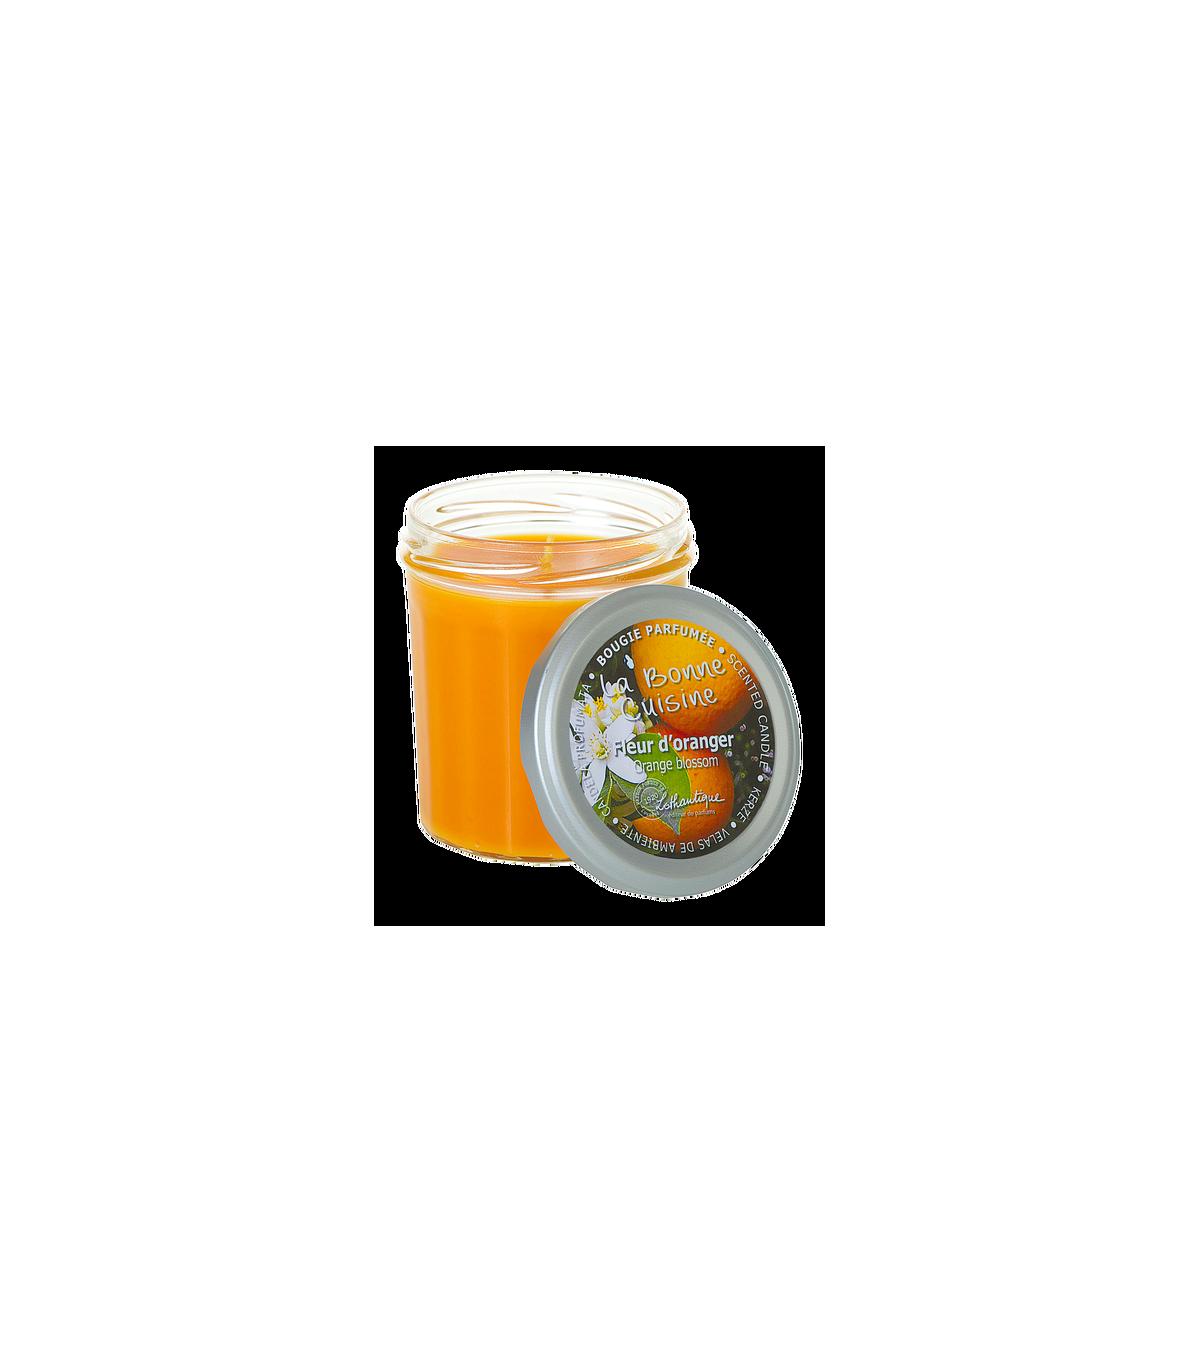 Bougie Fleurs D Oranger Lothantique La Bonne Cuisine Idees Cadeaux